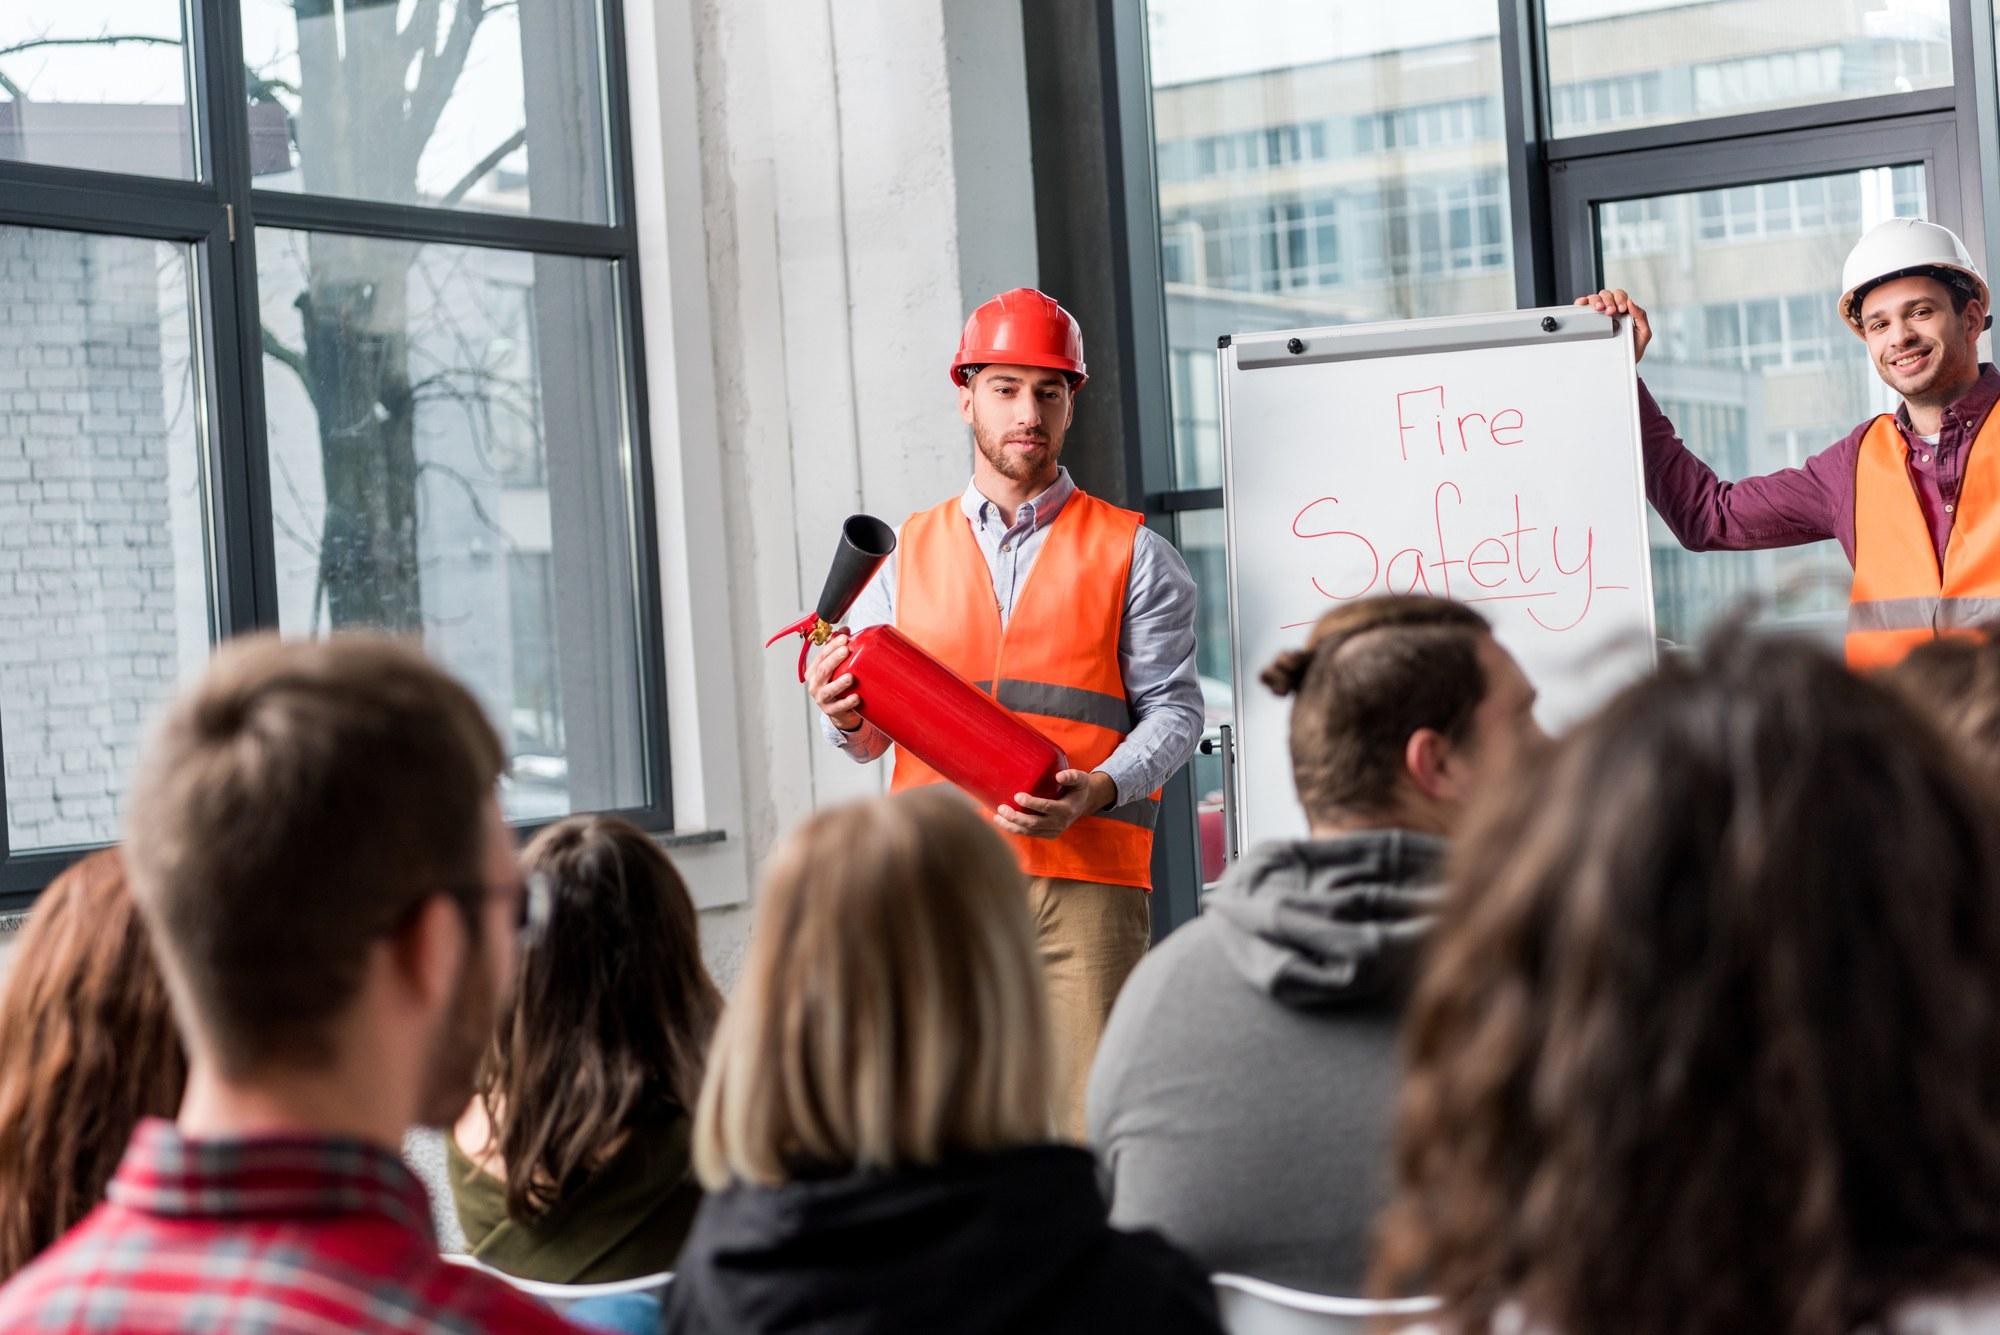 brandsicherheitskonzept garbsen, Brandschutz, Brandwache, Sicherheitsdienst, Brandsicherheitswache in Frankfurt und Umgebung